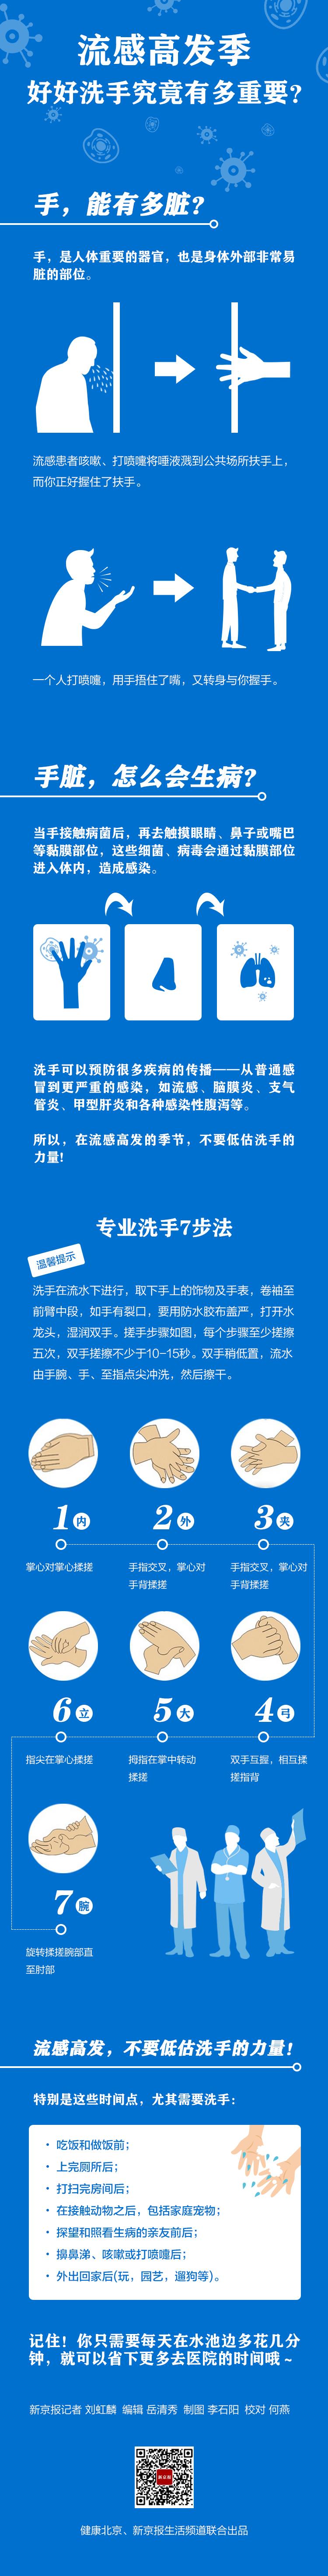 新京报记者刘虹麟编辑岳清秀制图李石阳校对何燕